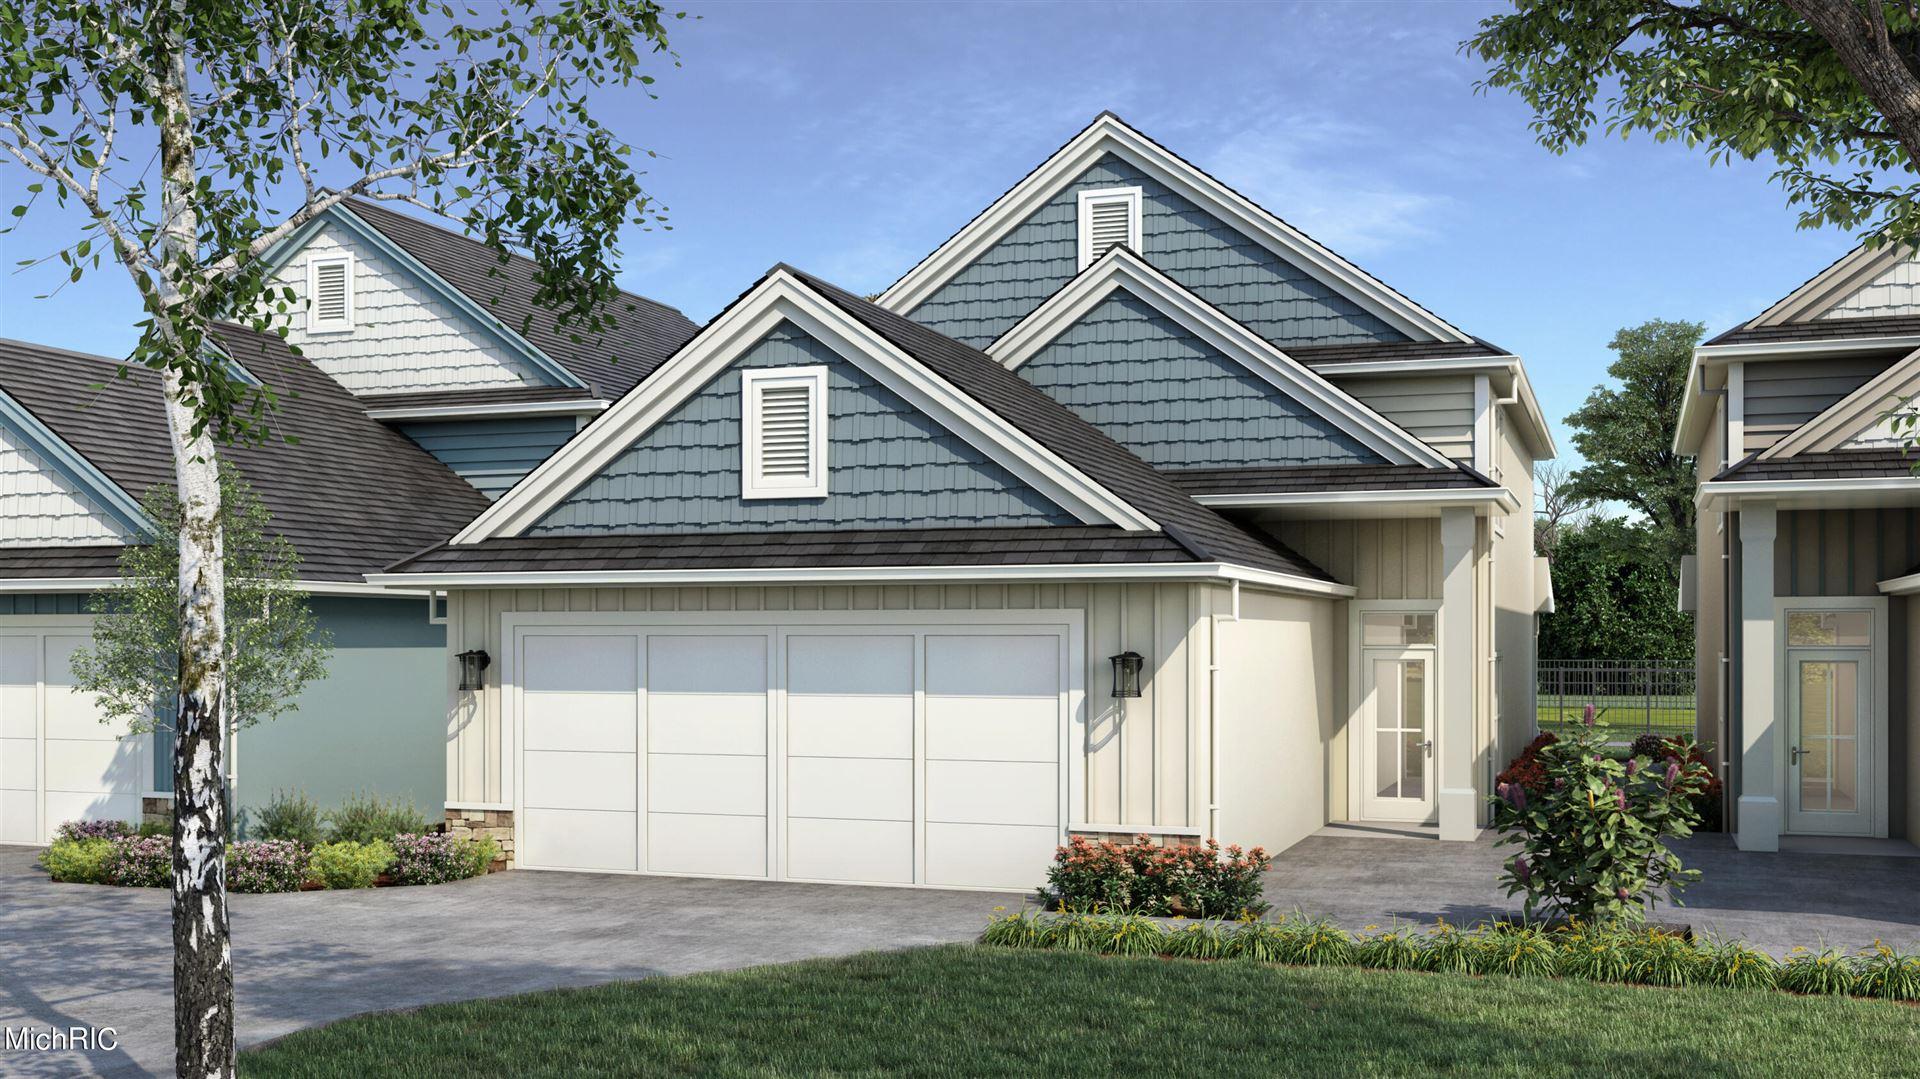 454 1st Street, Manistee, MI 49660 - MLS#: 21013234